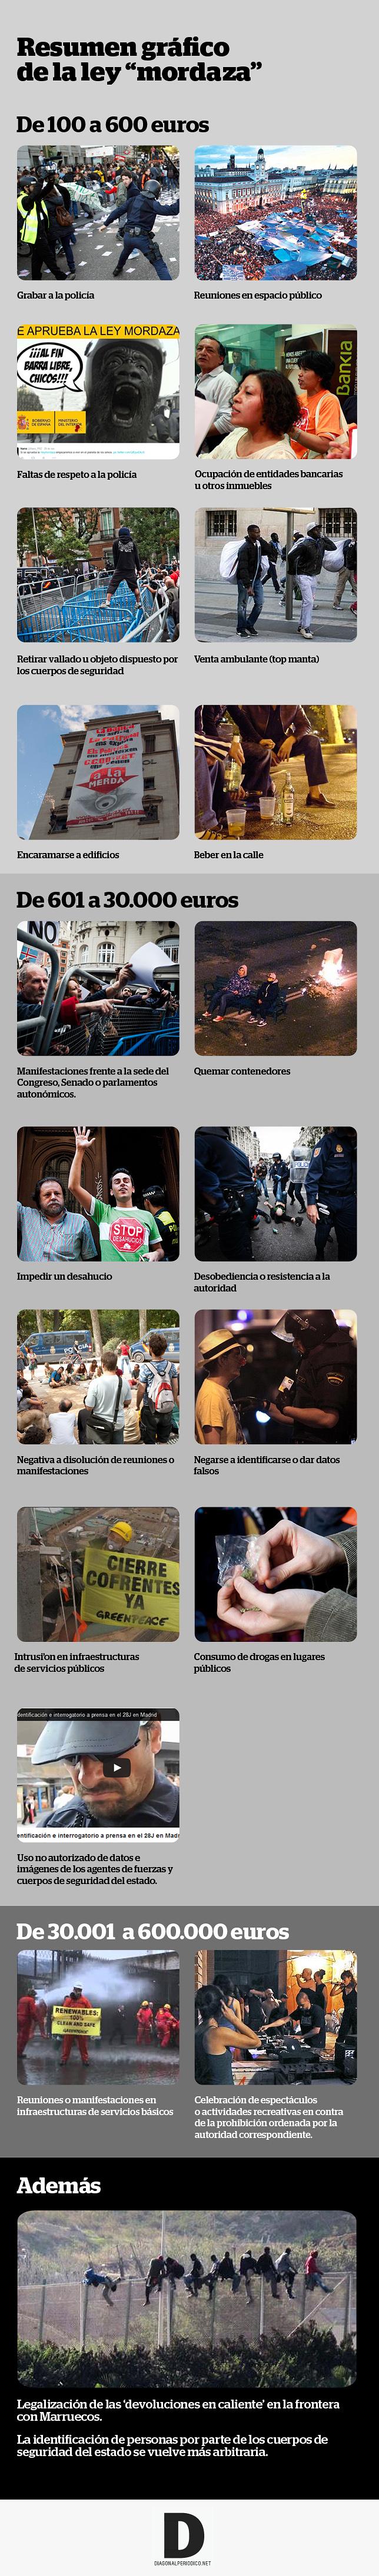 Crónicas de un rebelde contra la nueva dictadura de España Infog_copy